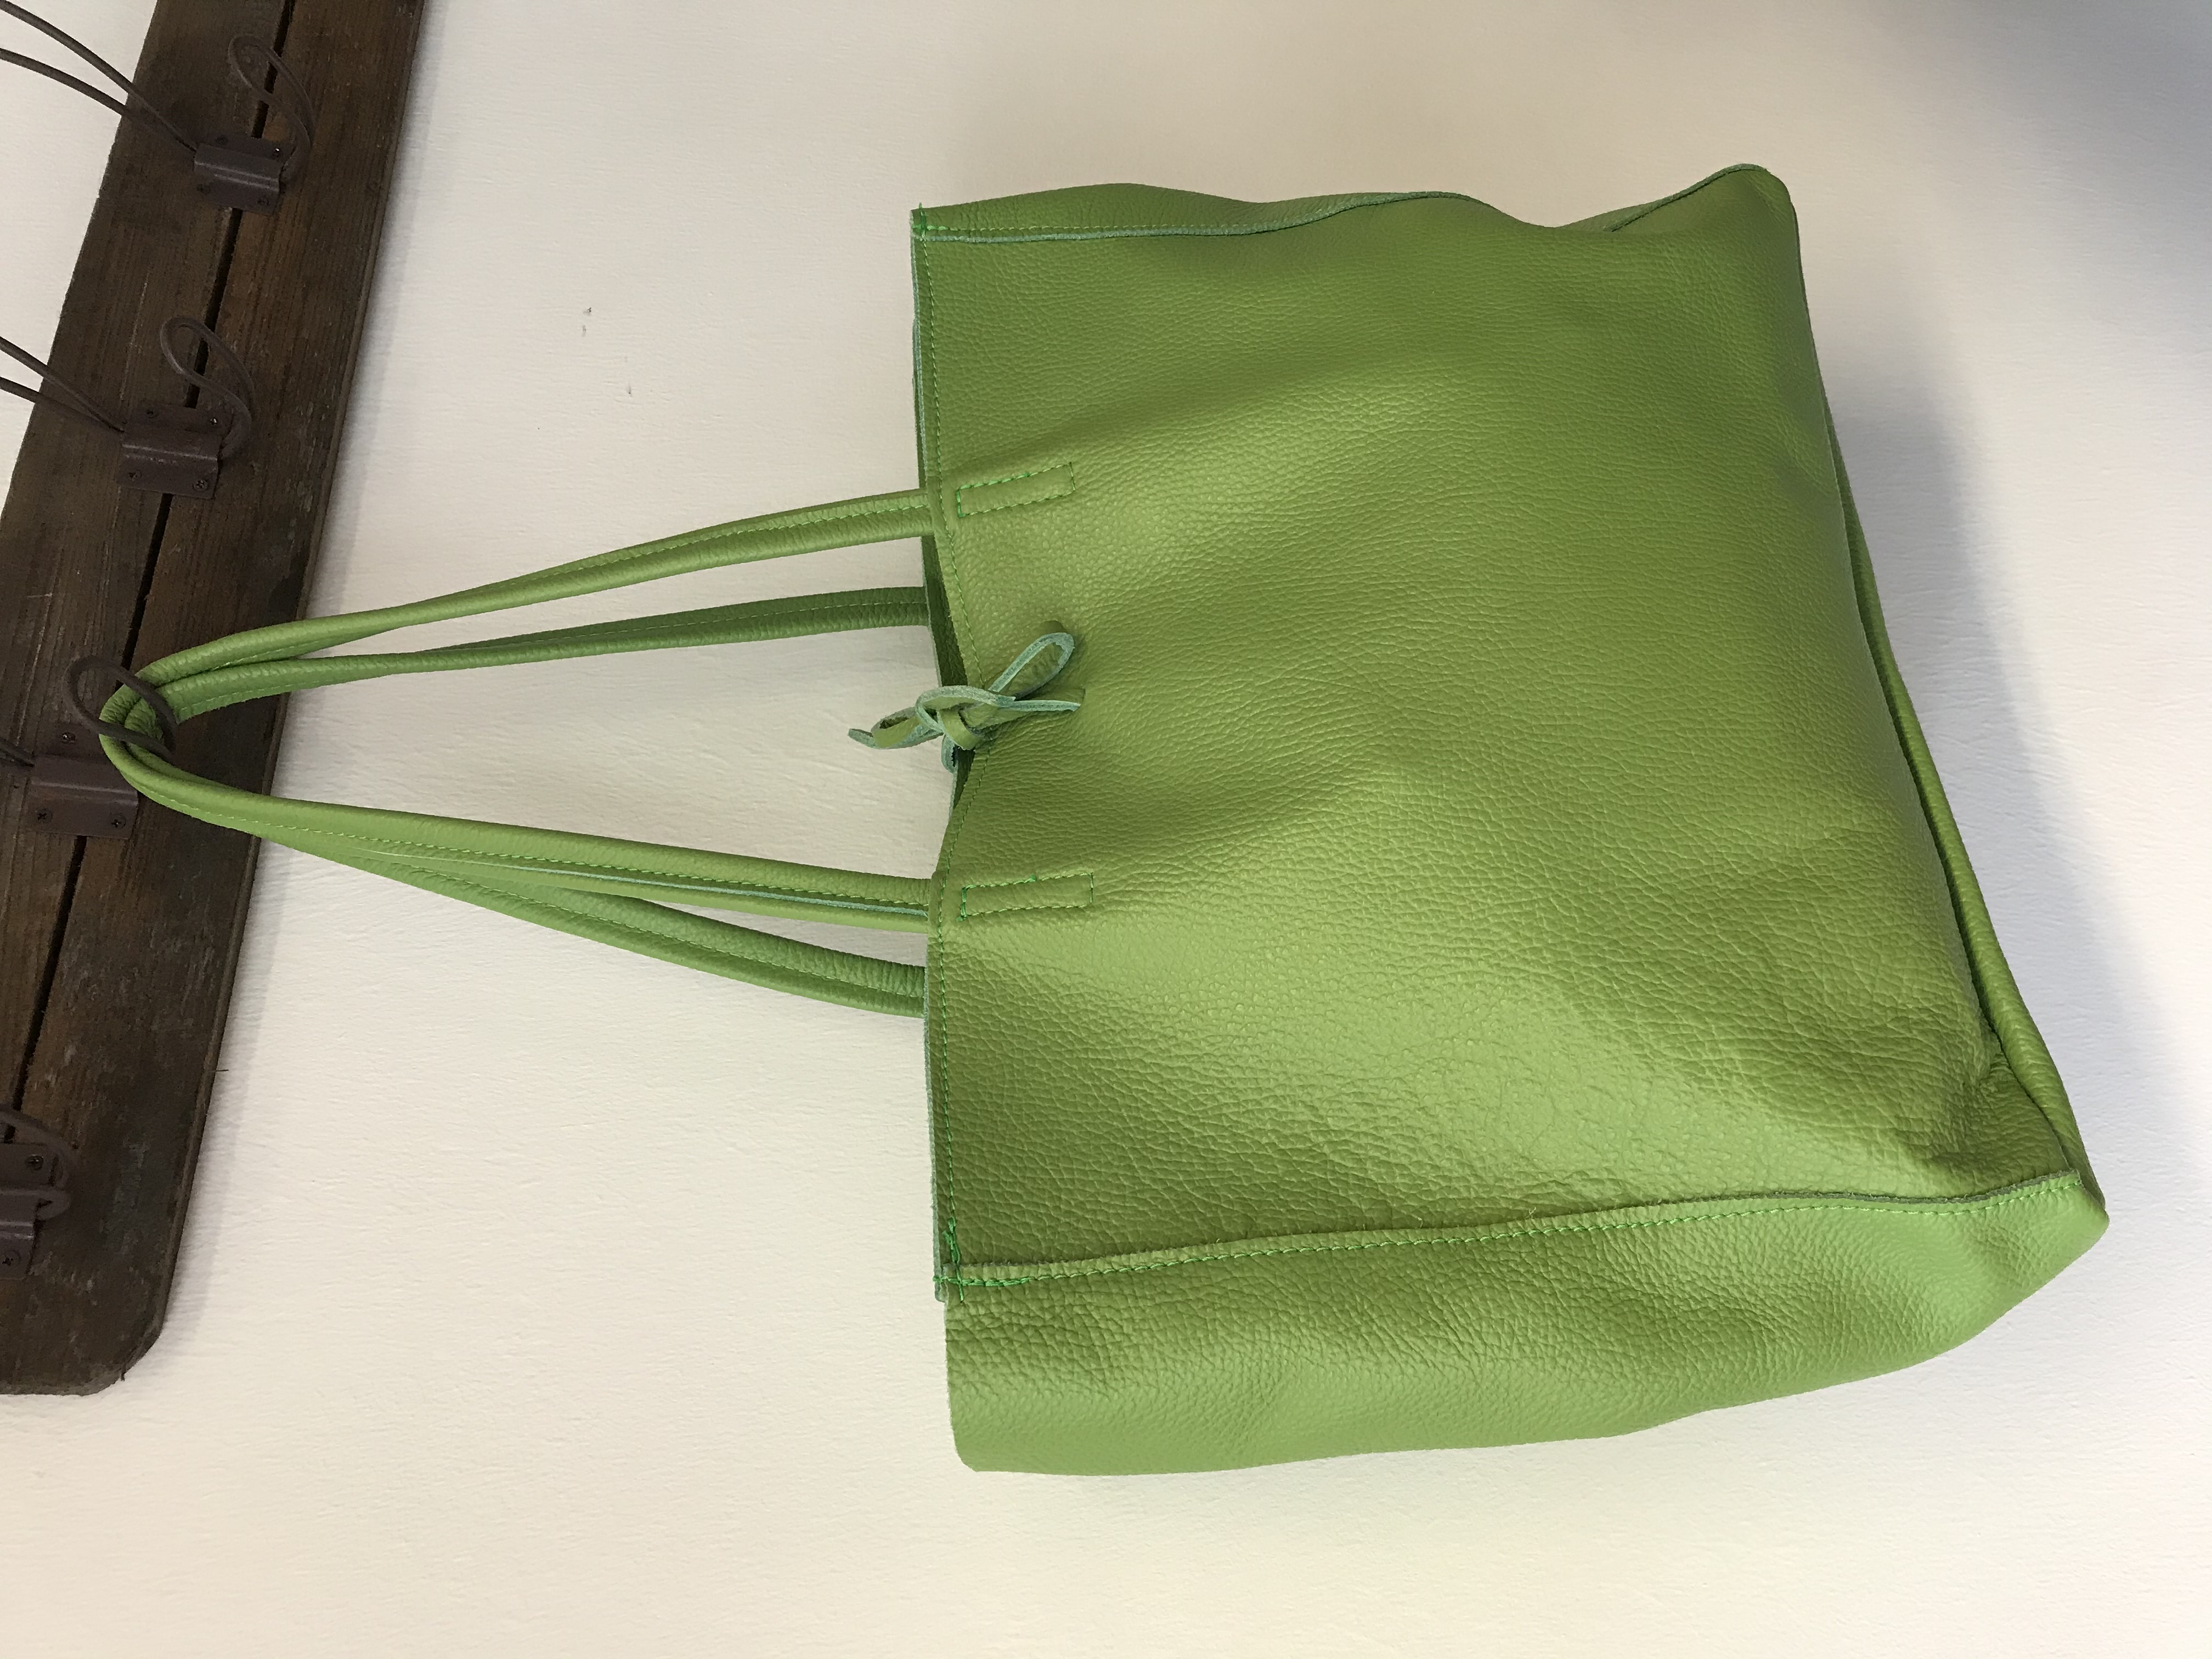 Umhängetasche aus Leder in grün